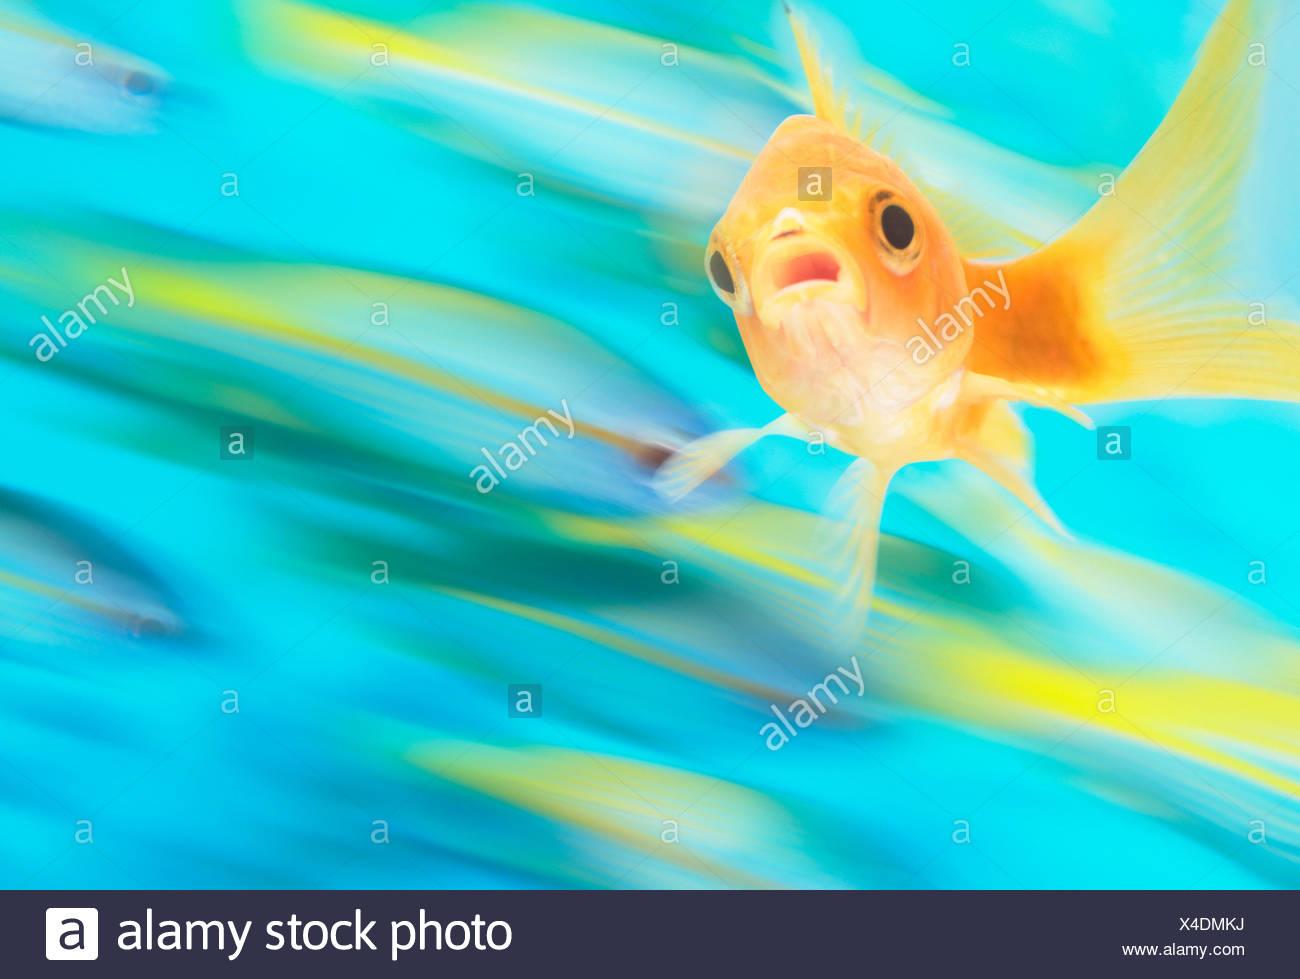 Gold Fish Con Escuela De Peces En Movimiento En El Fondo Compuesta